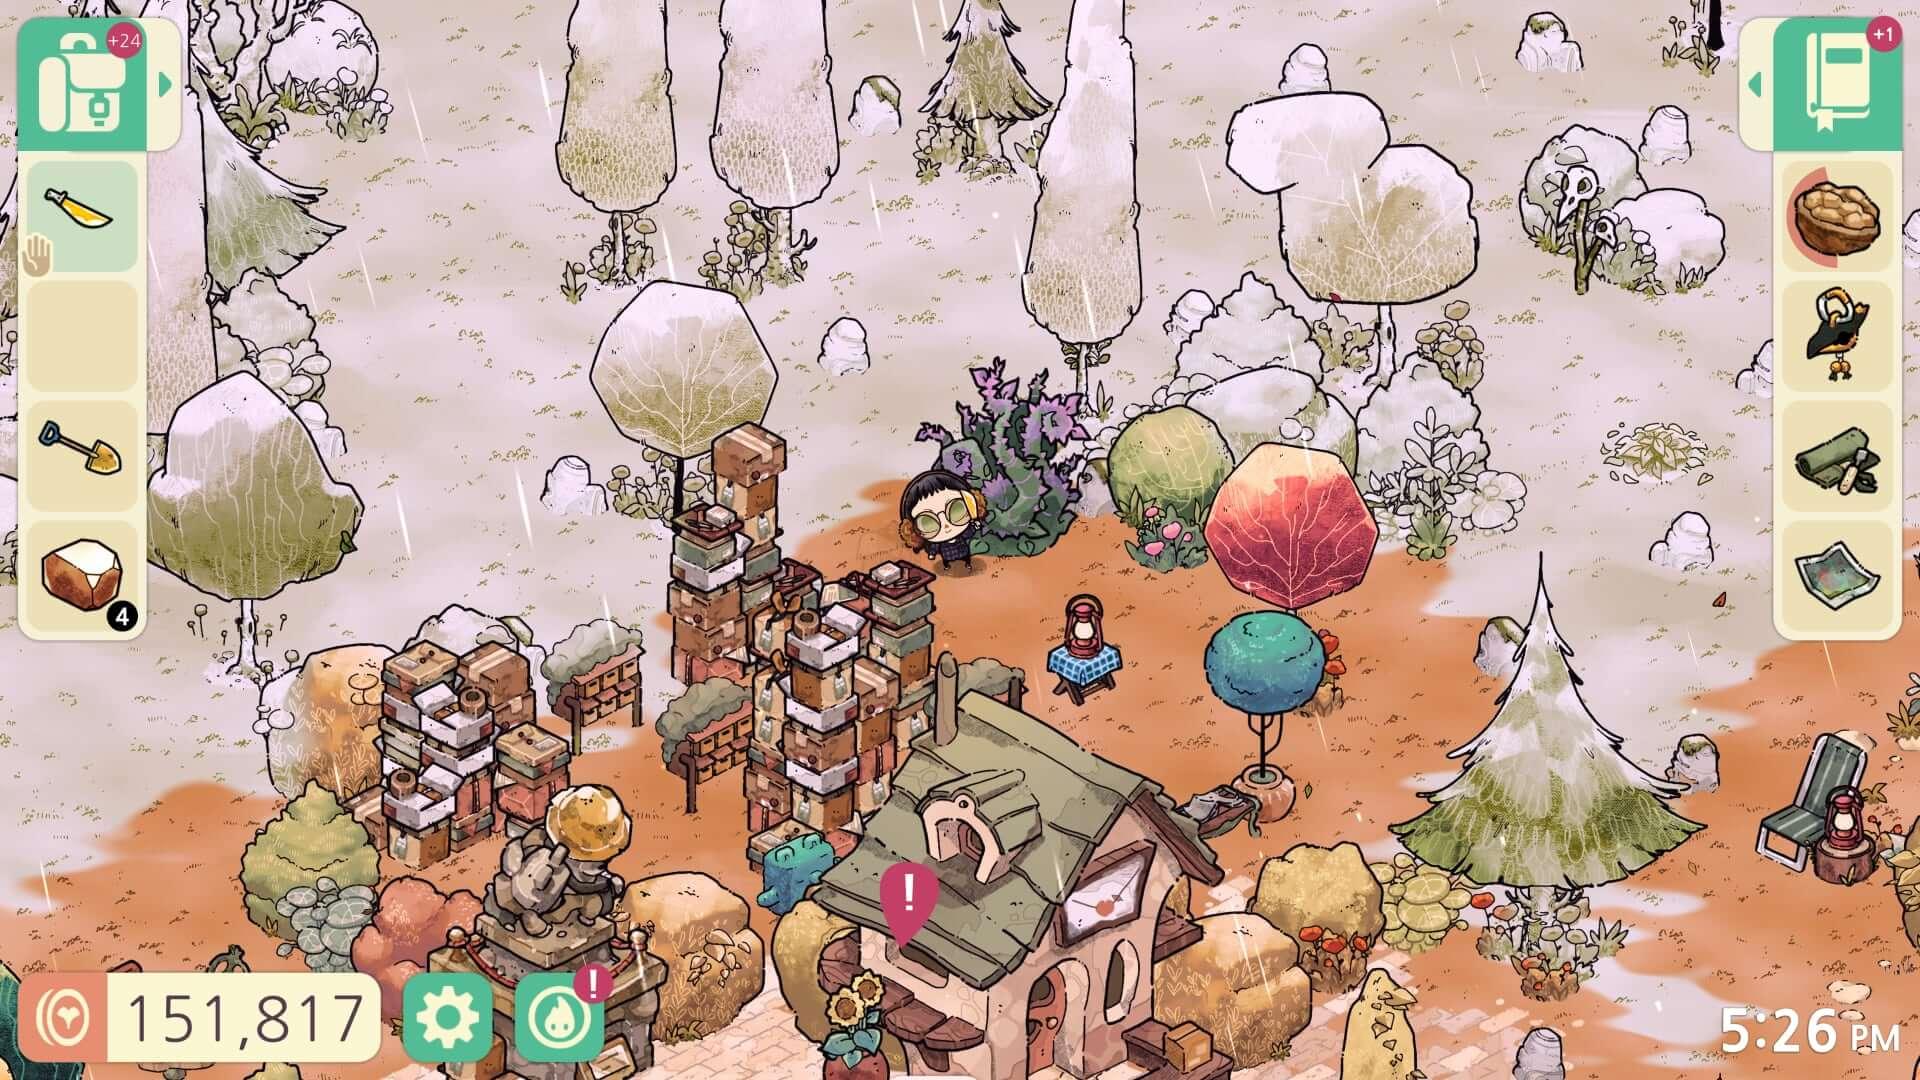 舒适森林(Cozy Grove)插图2